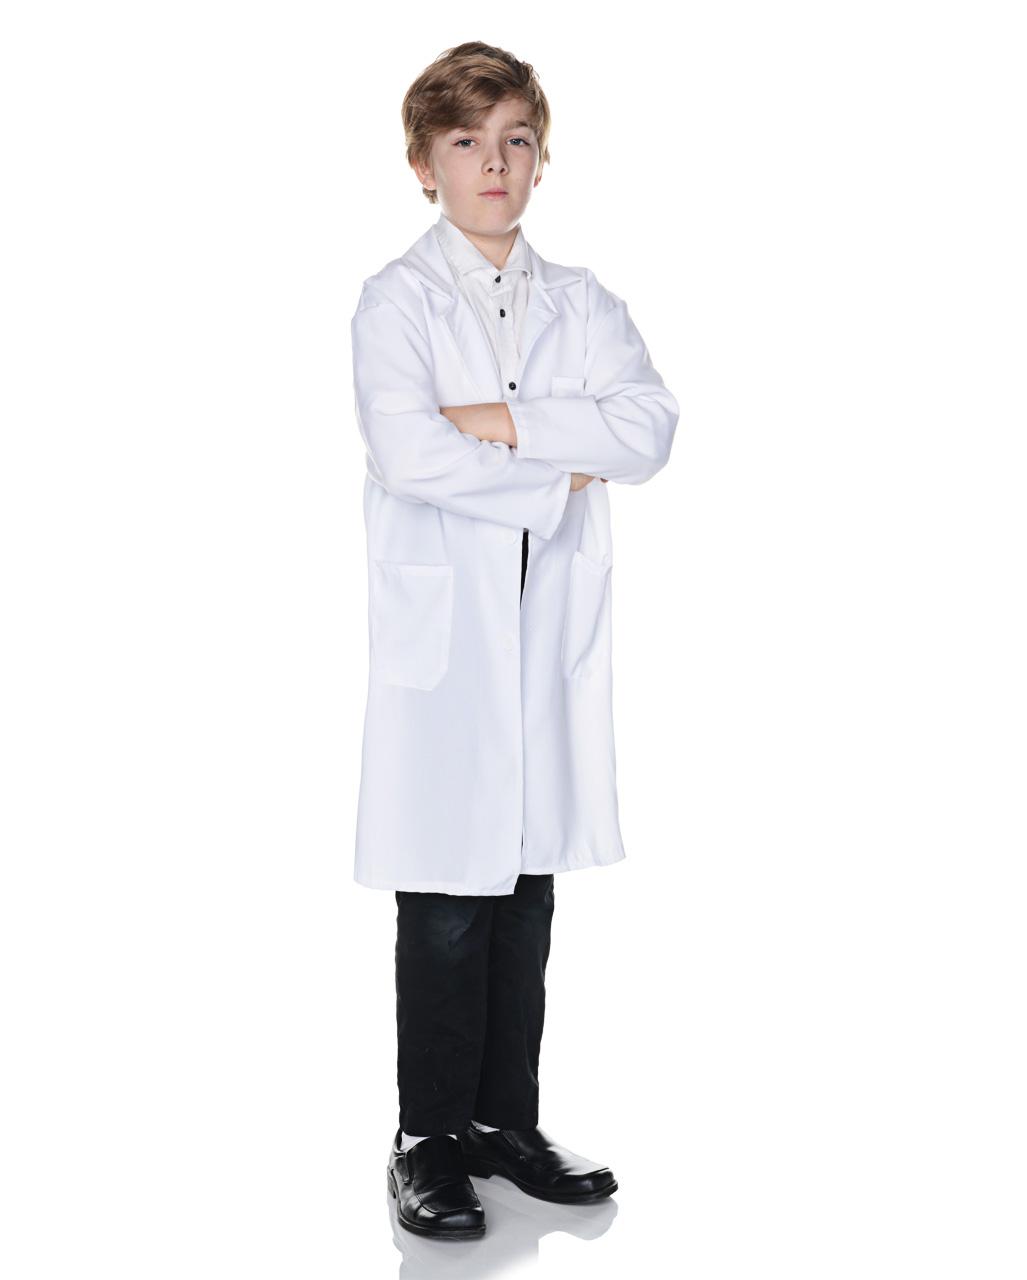 3fb2ce209 Lab Coat Child Costume Medical Costume